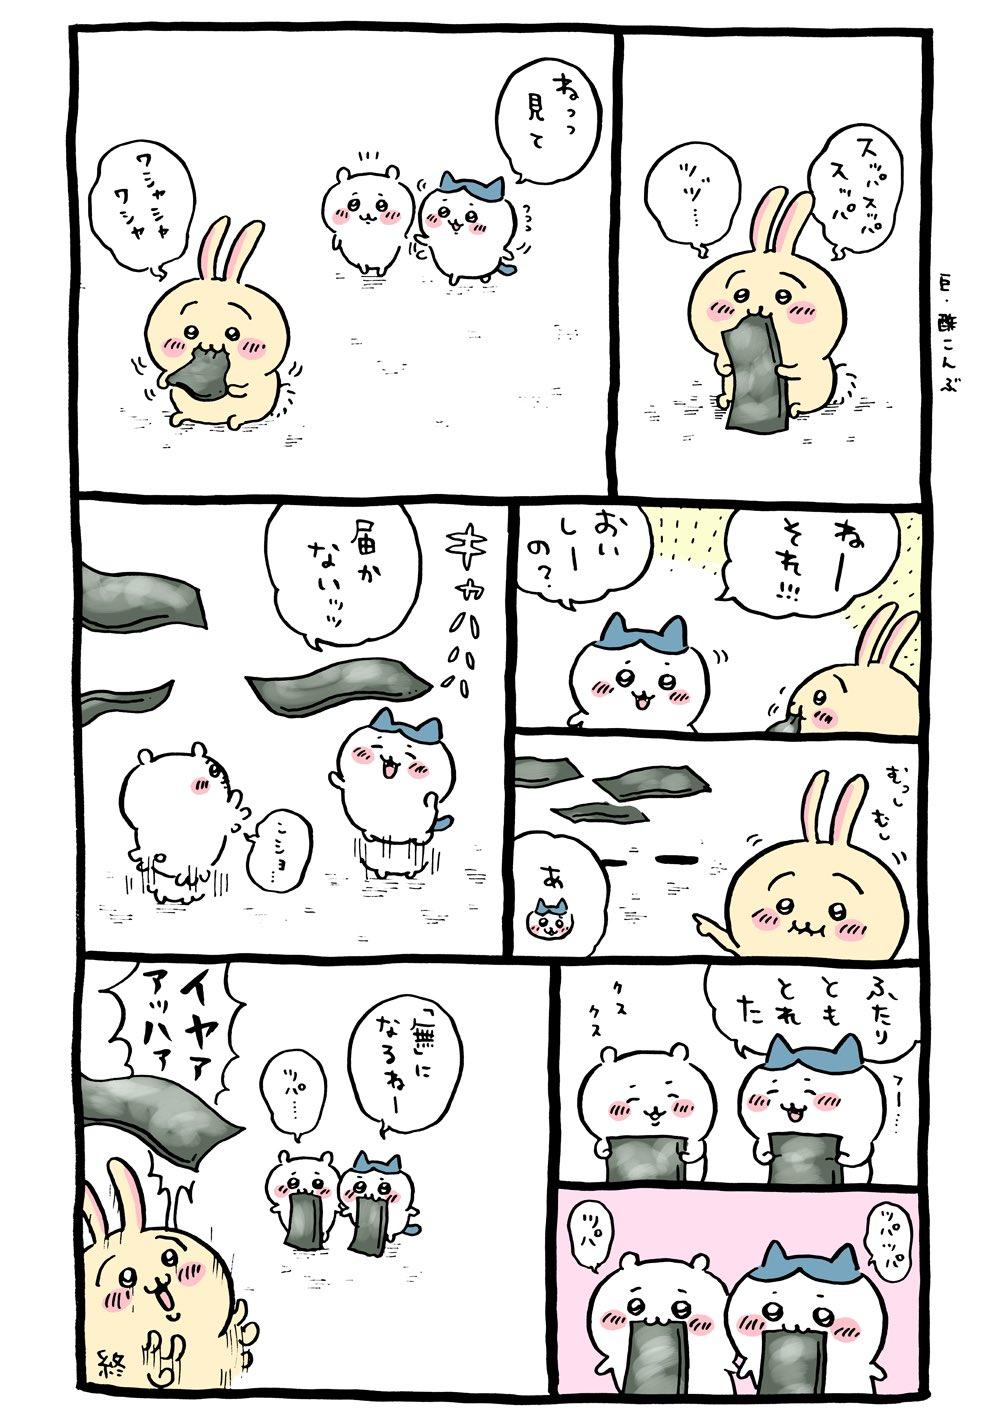 なんか小さくてかわいいやつが酢こんぶを食べる漫画!こんなLINEスタンプほしい!!